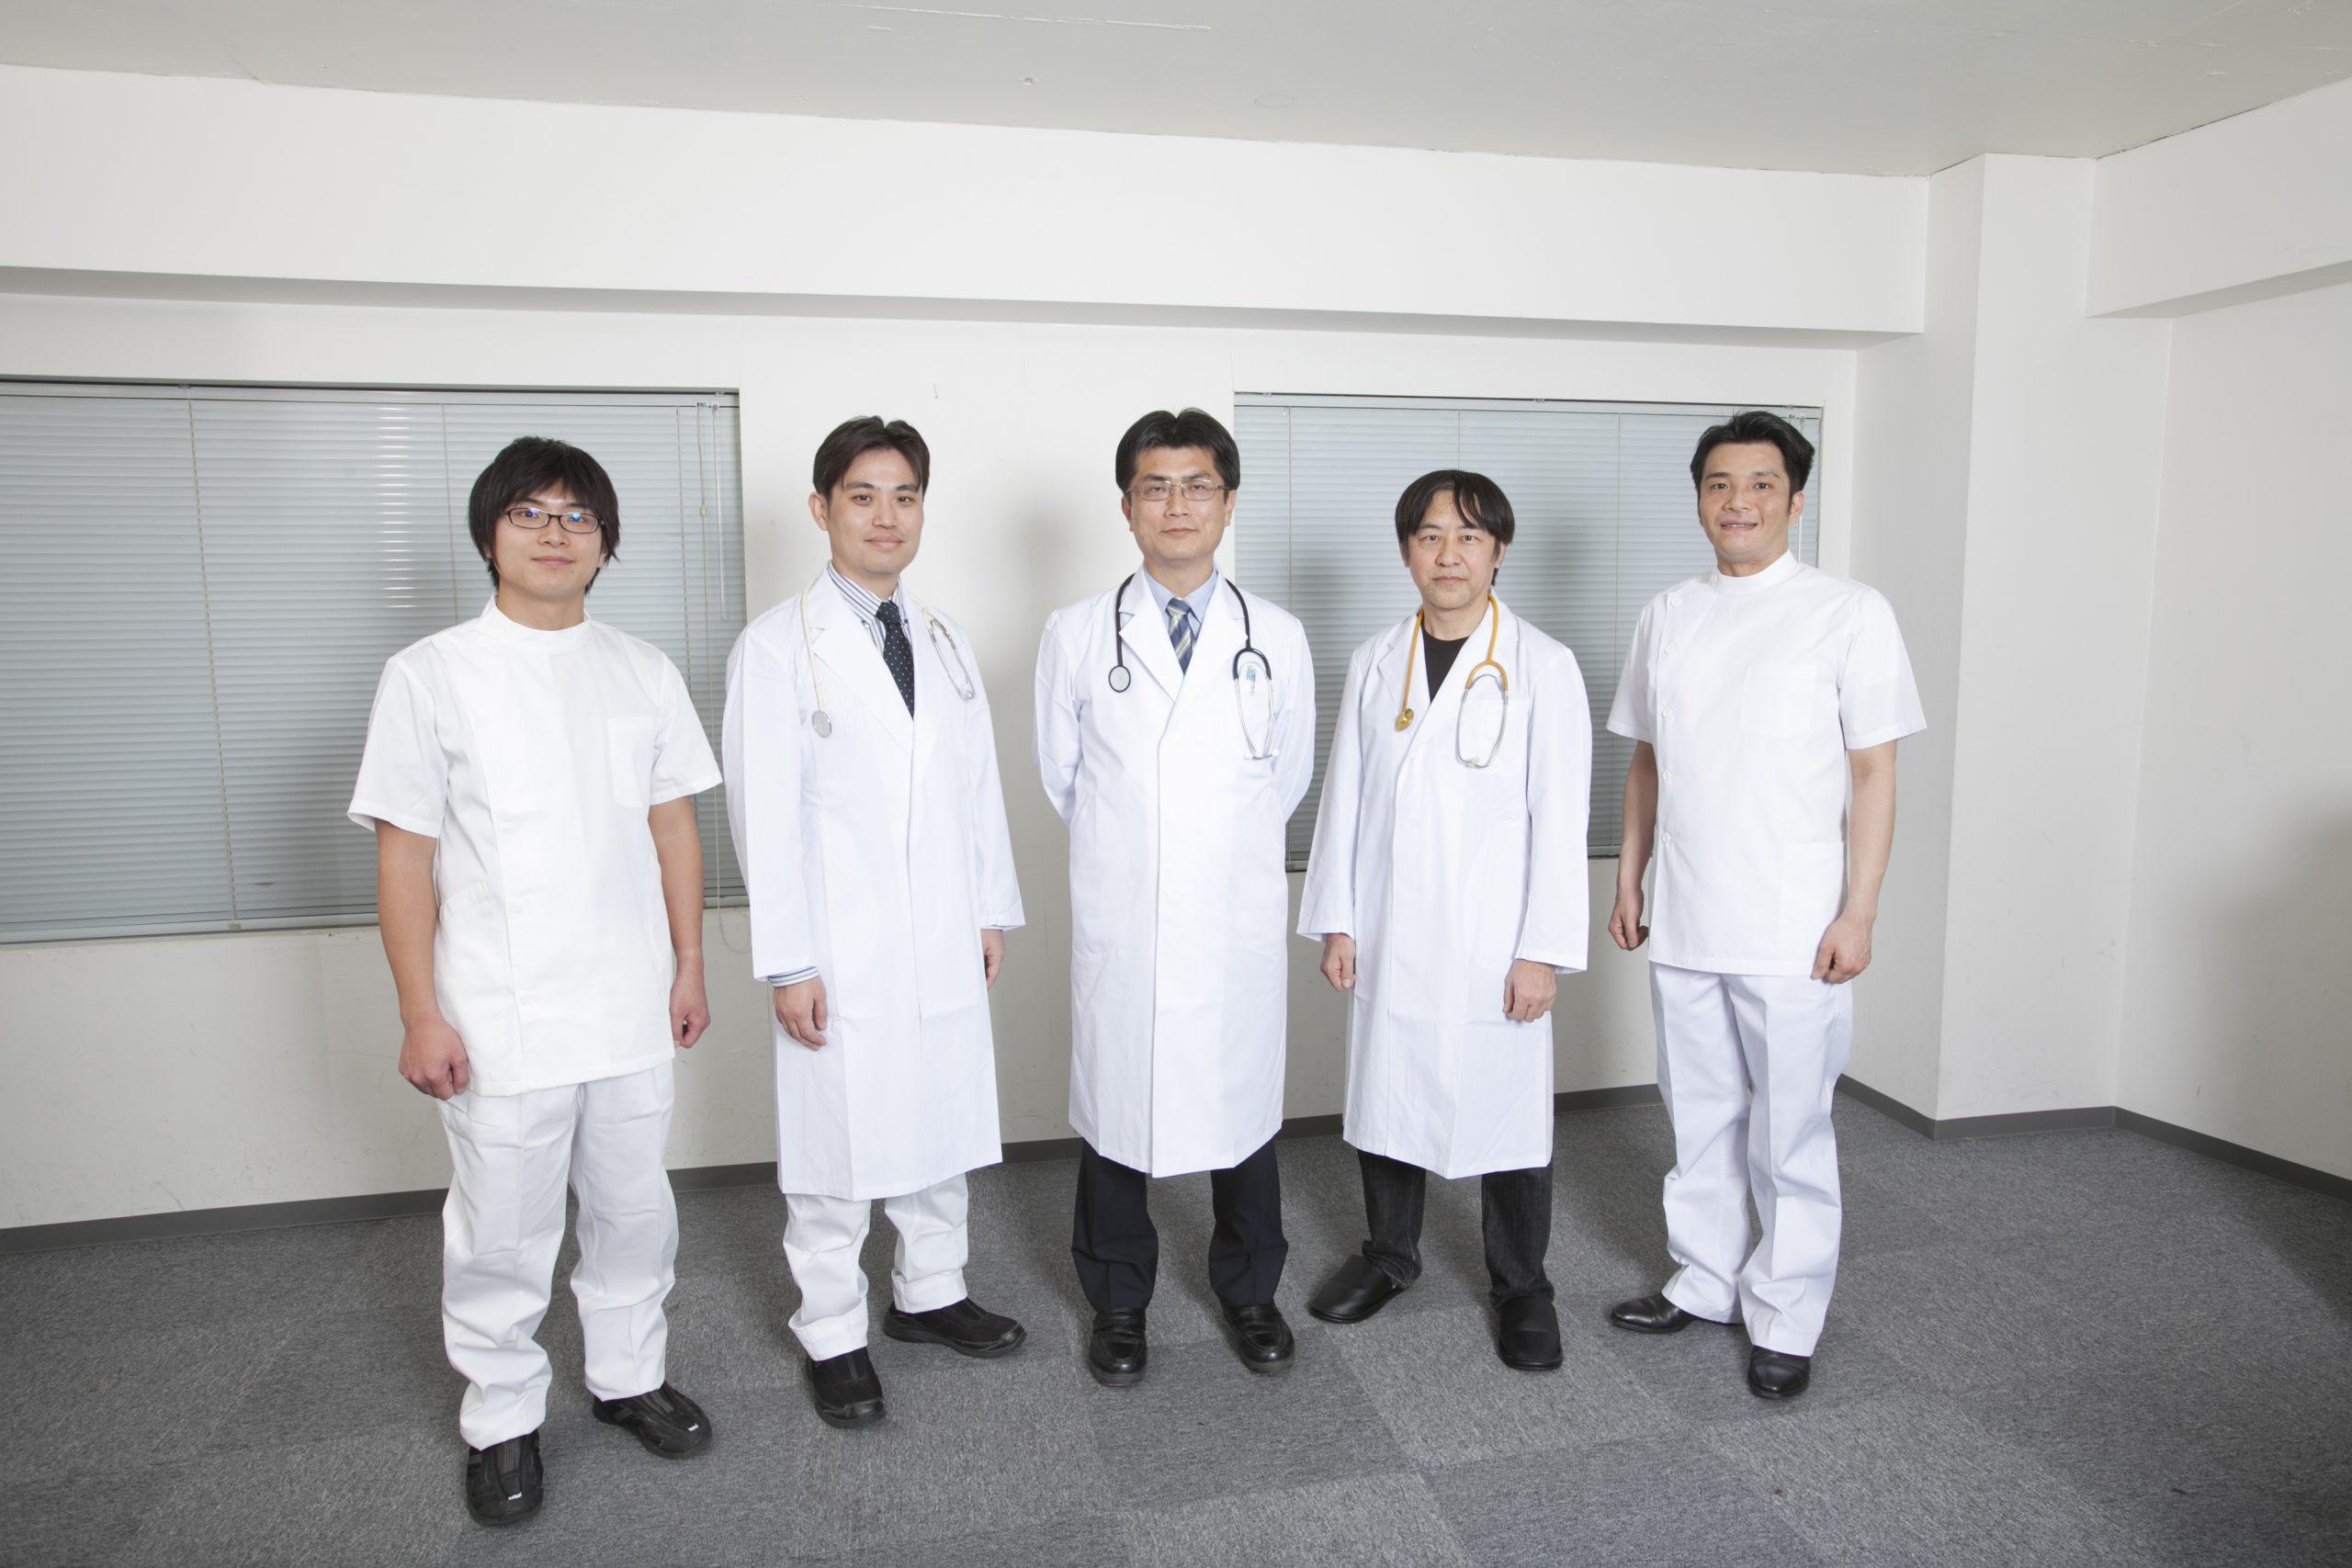 バイオアルカミド注入による亀頭増大術の特徴と値段目安